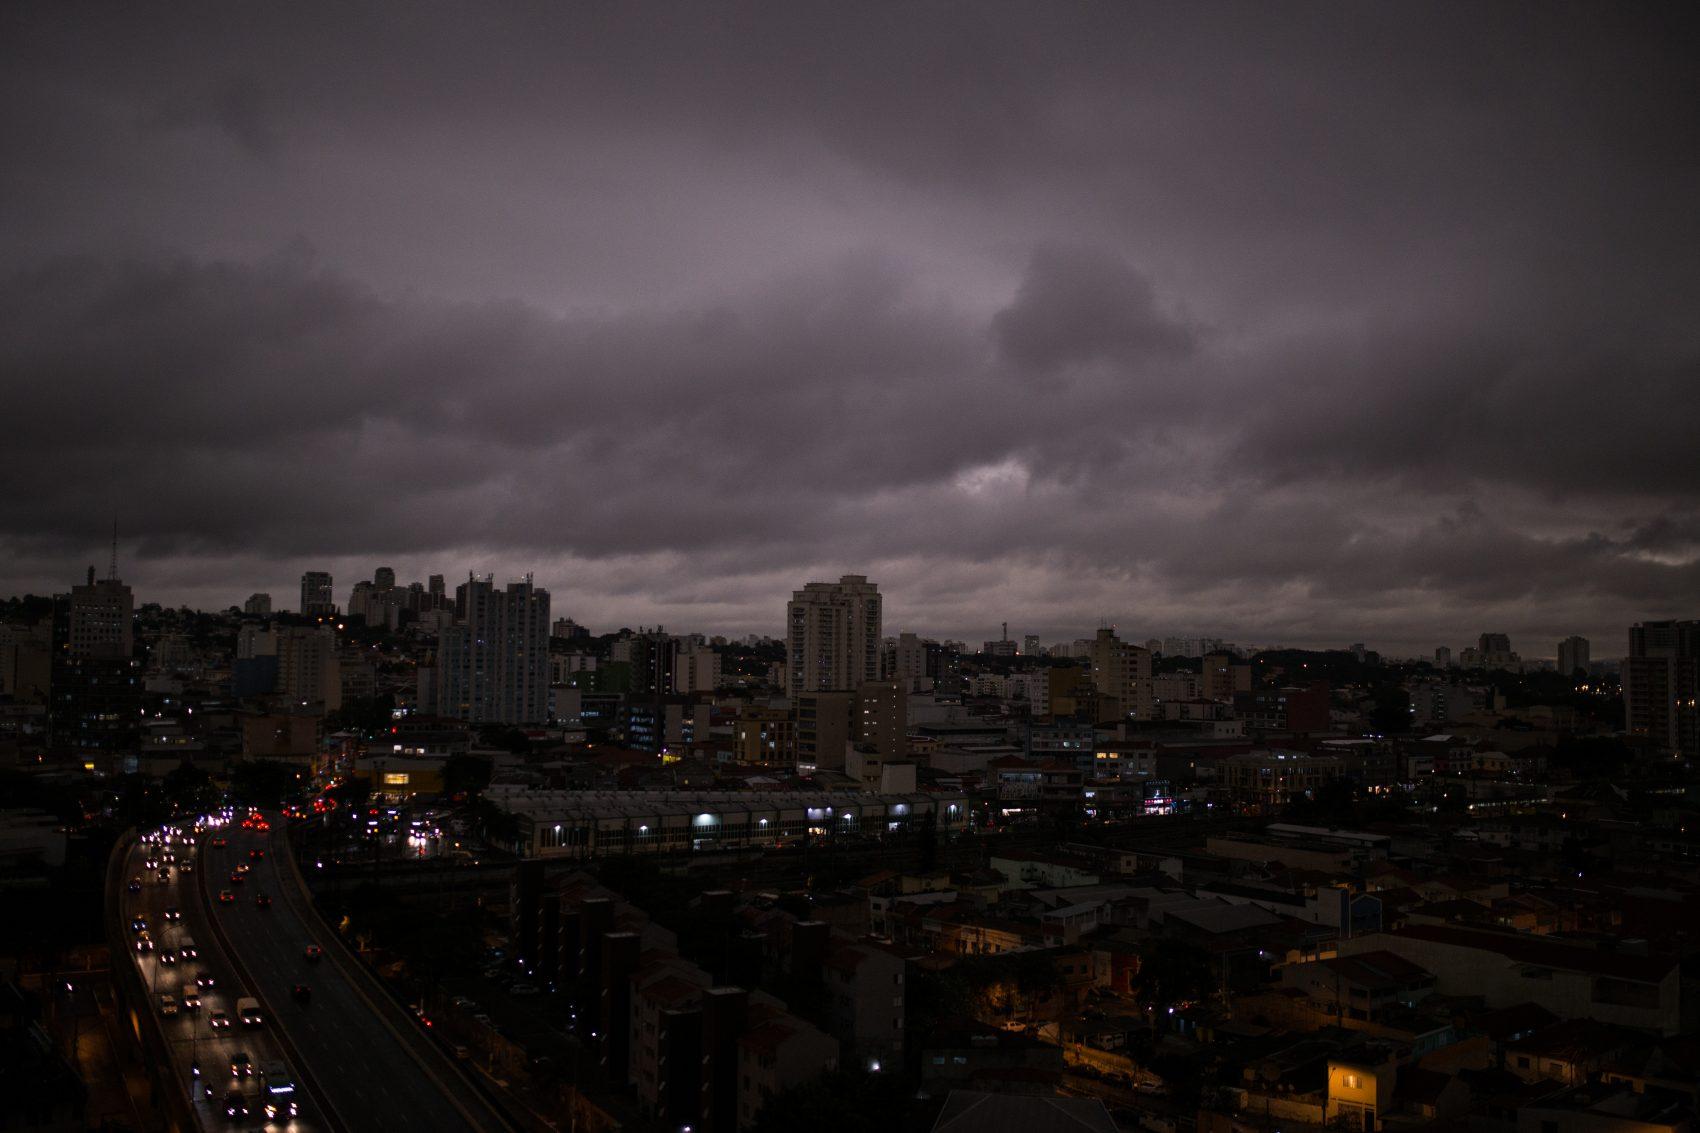 Céu escuro às 16h na São Paulo: Partículas de queimadas vindas das regiões Centro-Oeste e Norte interagiram com nuvens trazidas por frente fria (Foto: Andre Lucas/DPA)